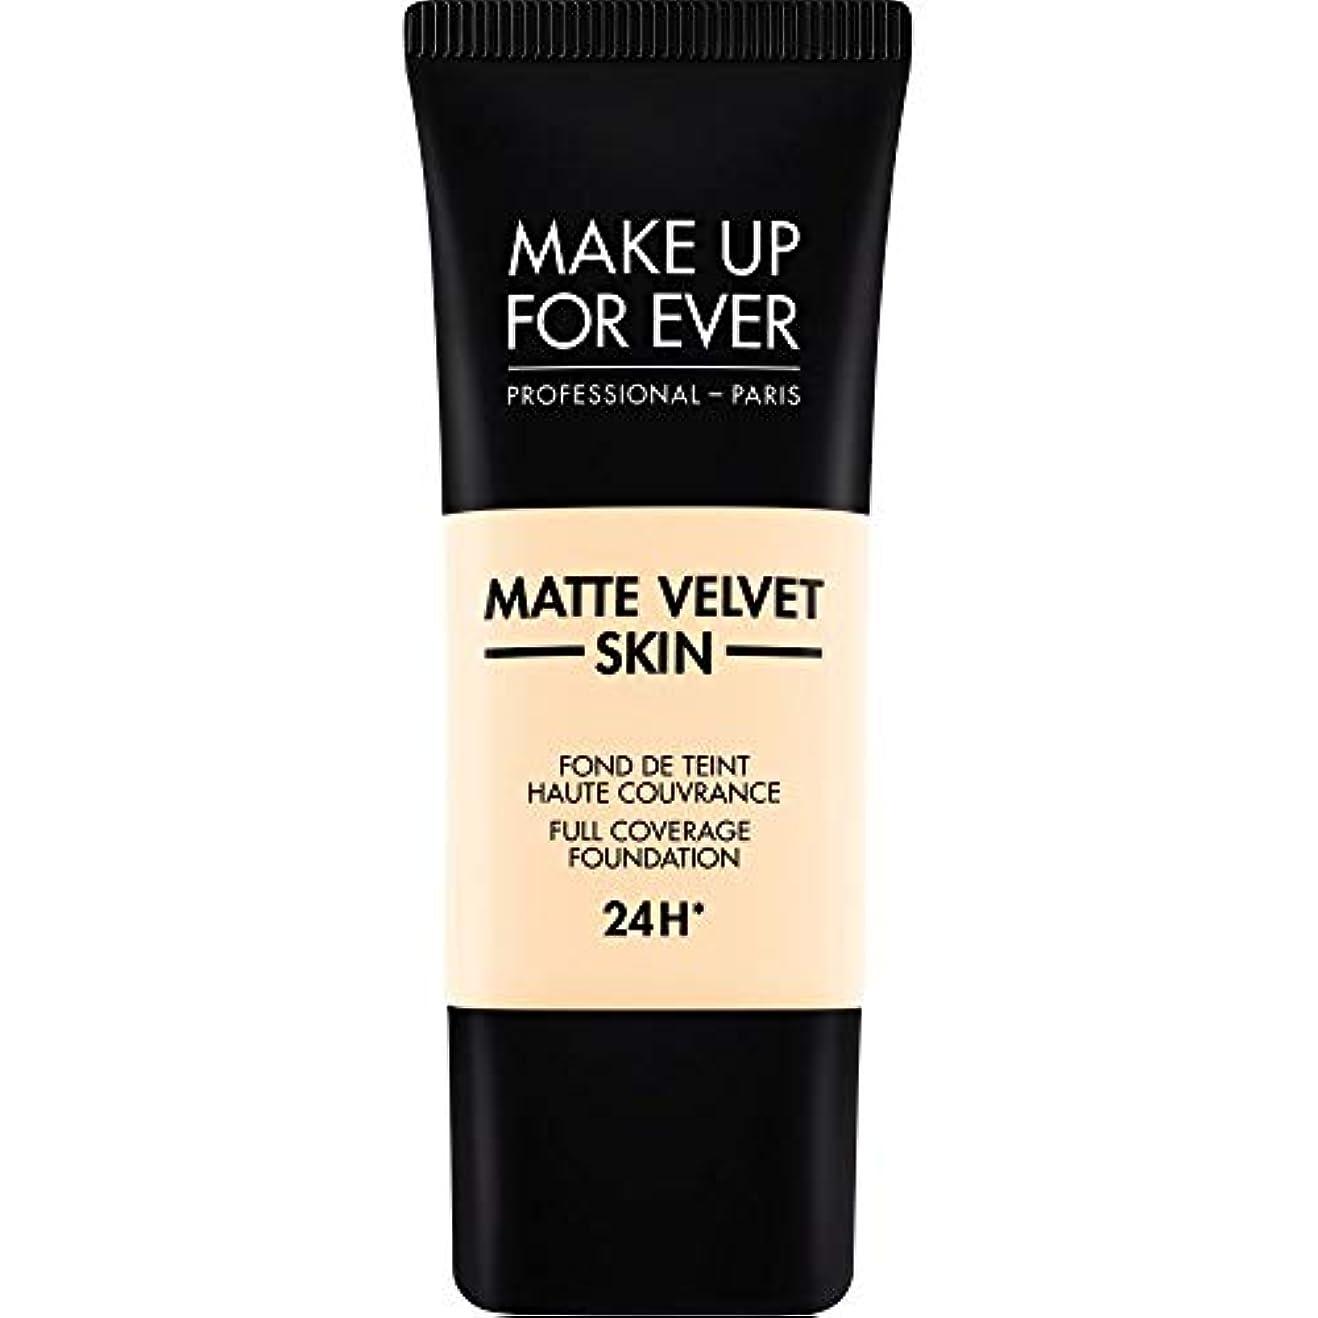 改善するクローン管理する[MAKE UP FOR EVER] これまでマットベルベットの皮膚のフルカバレッジ基礎30ミリリットルのY205を補う - アラバスター - MAKE UP FOR EVER Matte Velvet Skin Full...